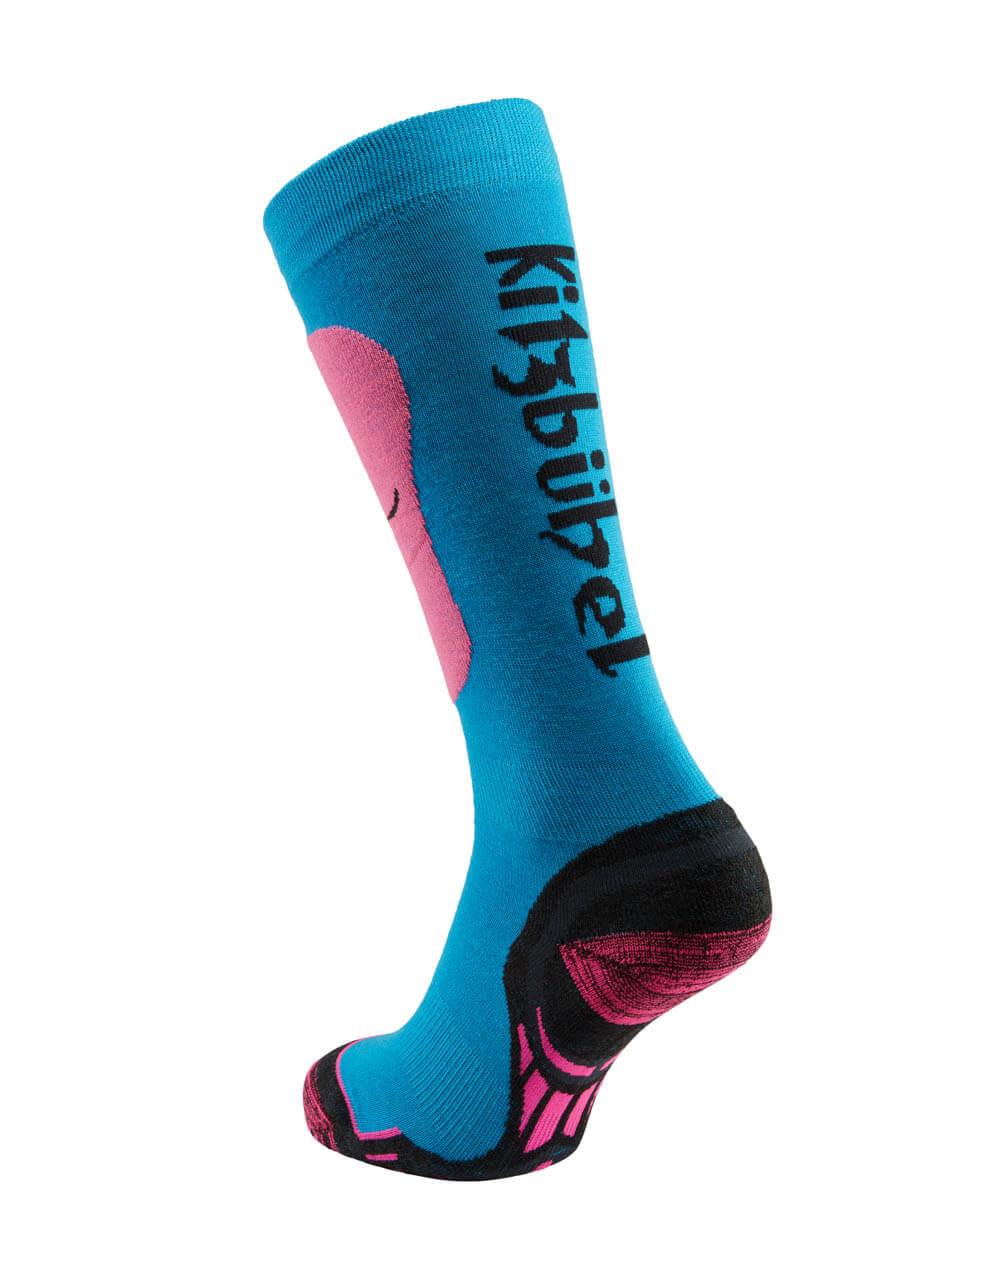 726038241 Skisocken Damen neon pink blau